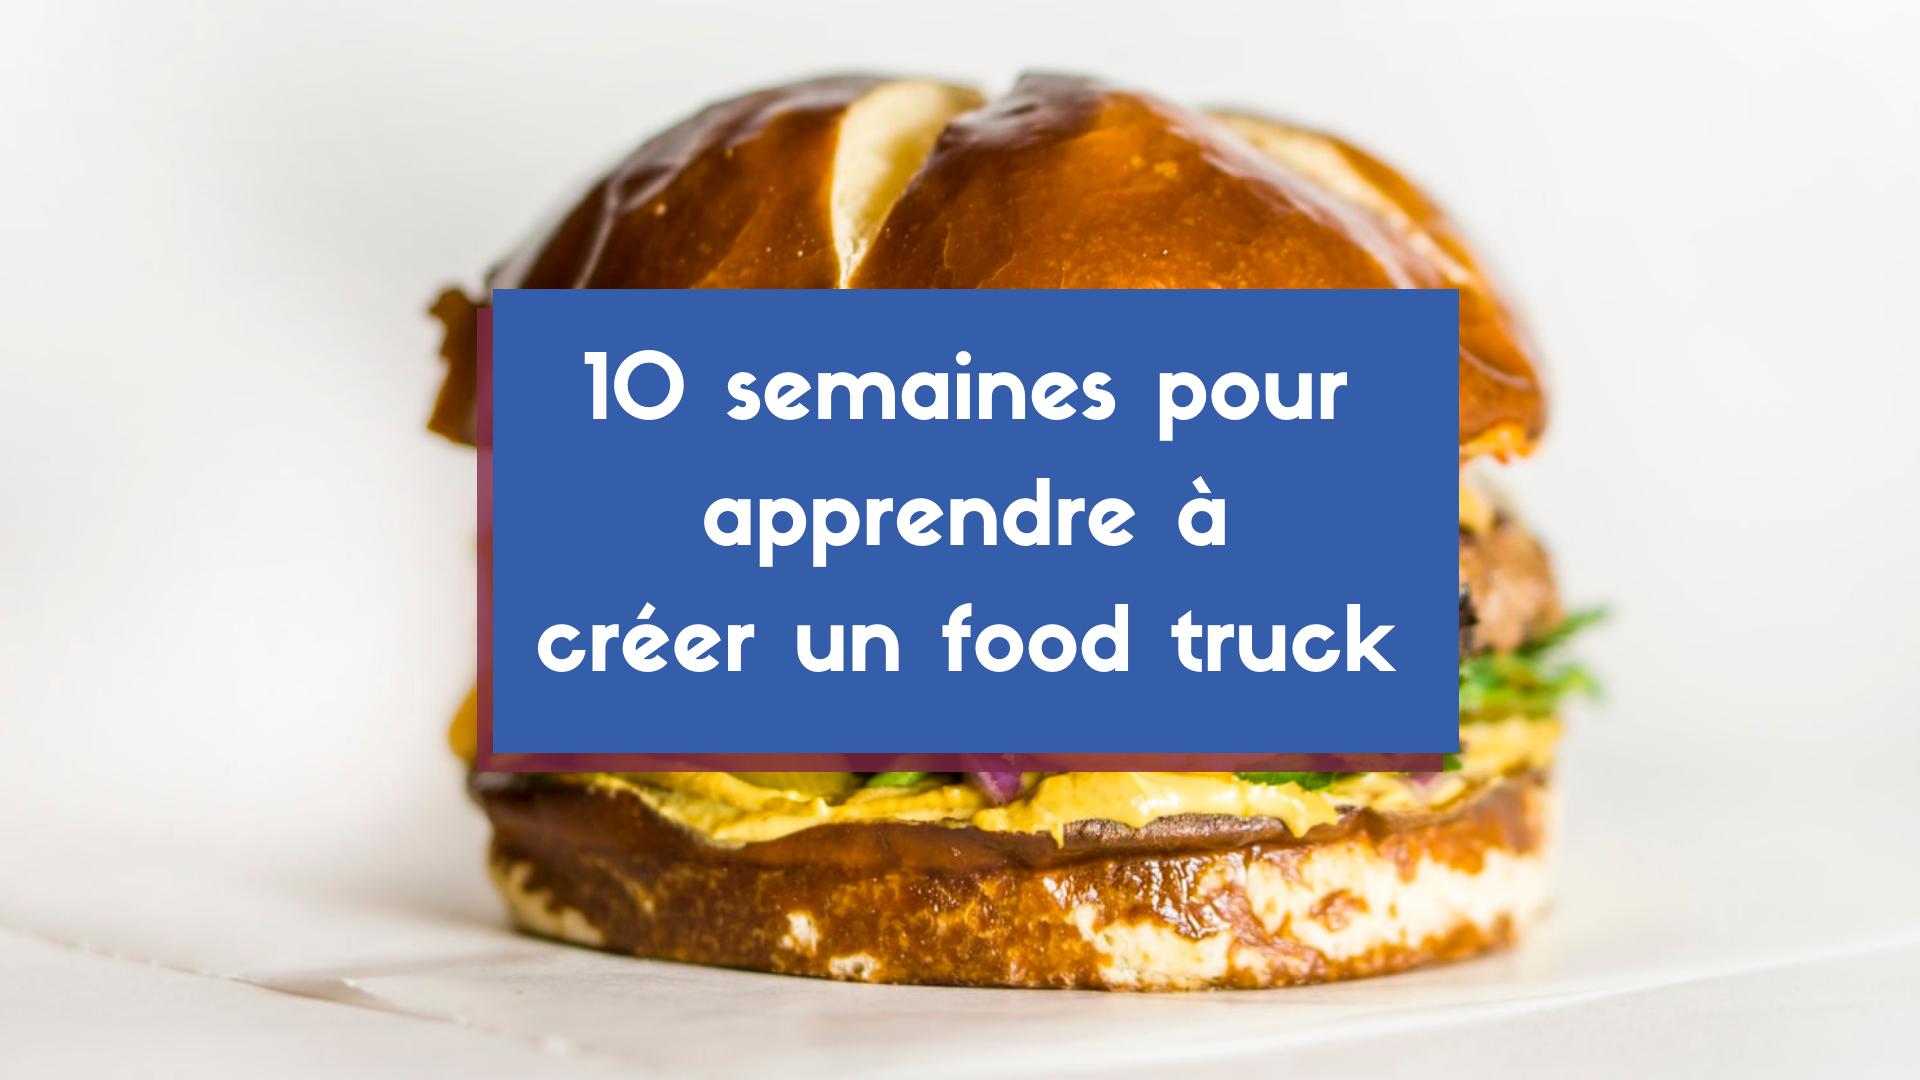 10 semaines pour ouvrir un food truck